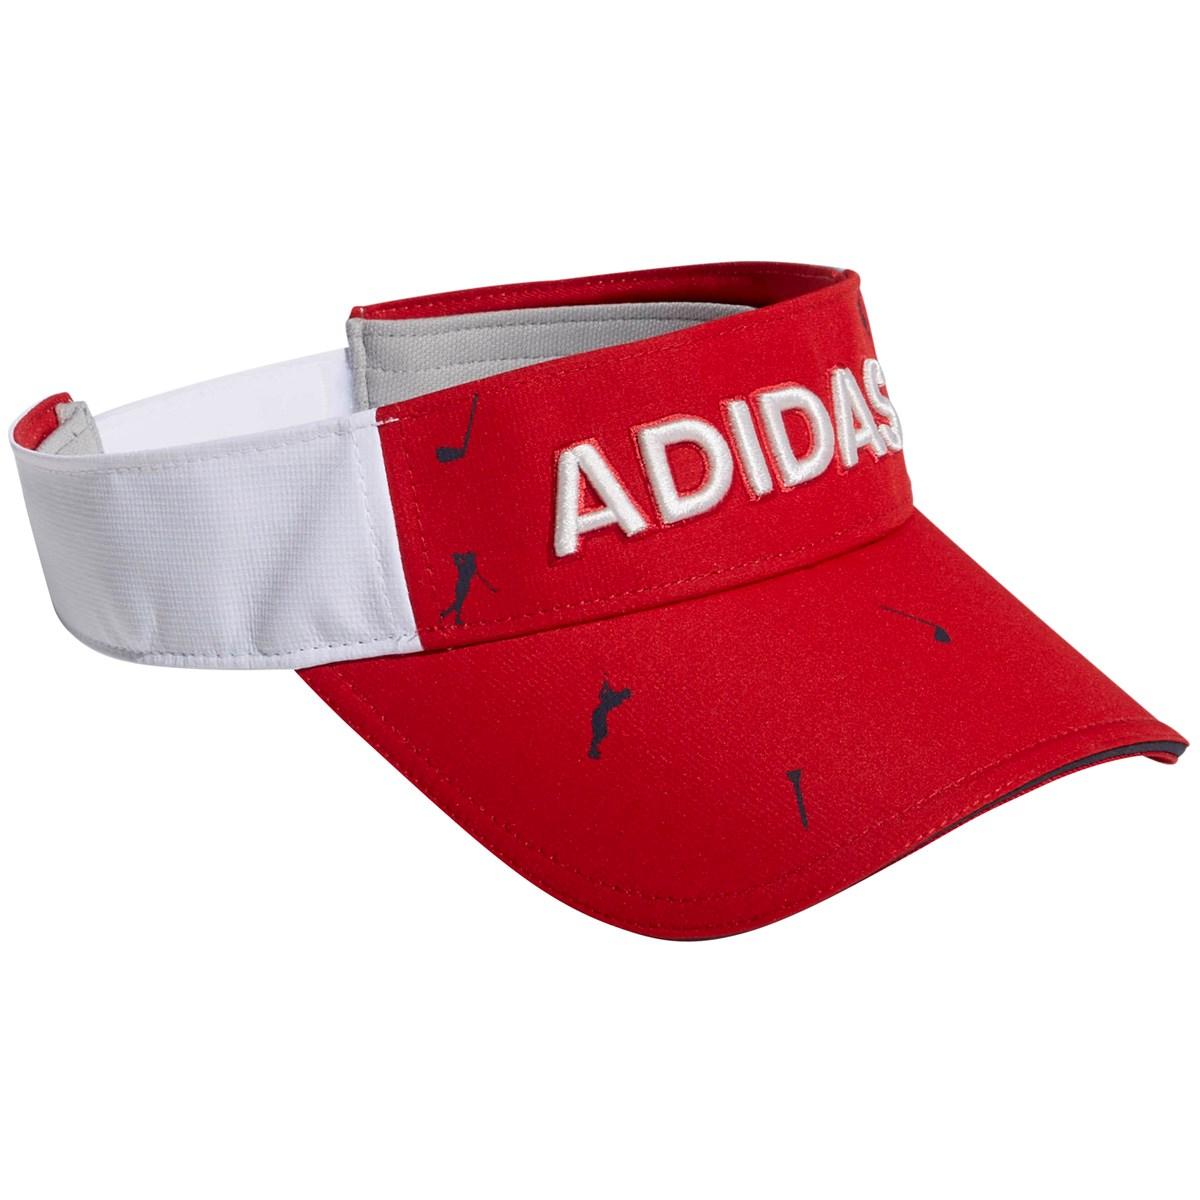 アディダス(adidas) ADICROSS モノグラムプリントサンバイザー